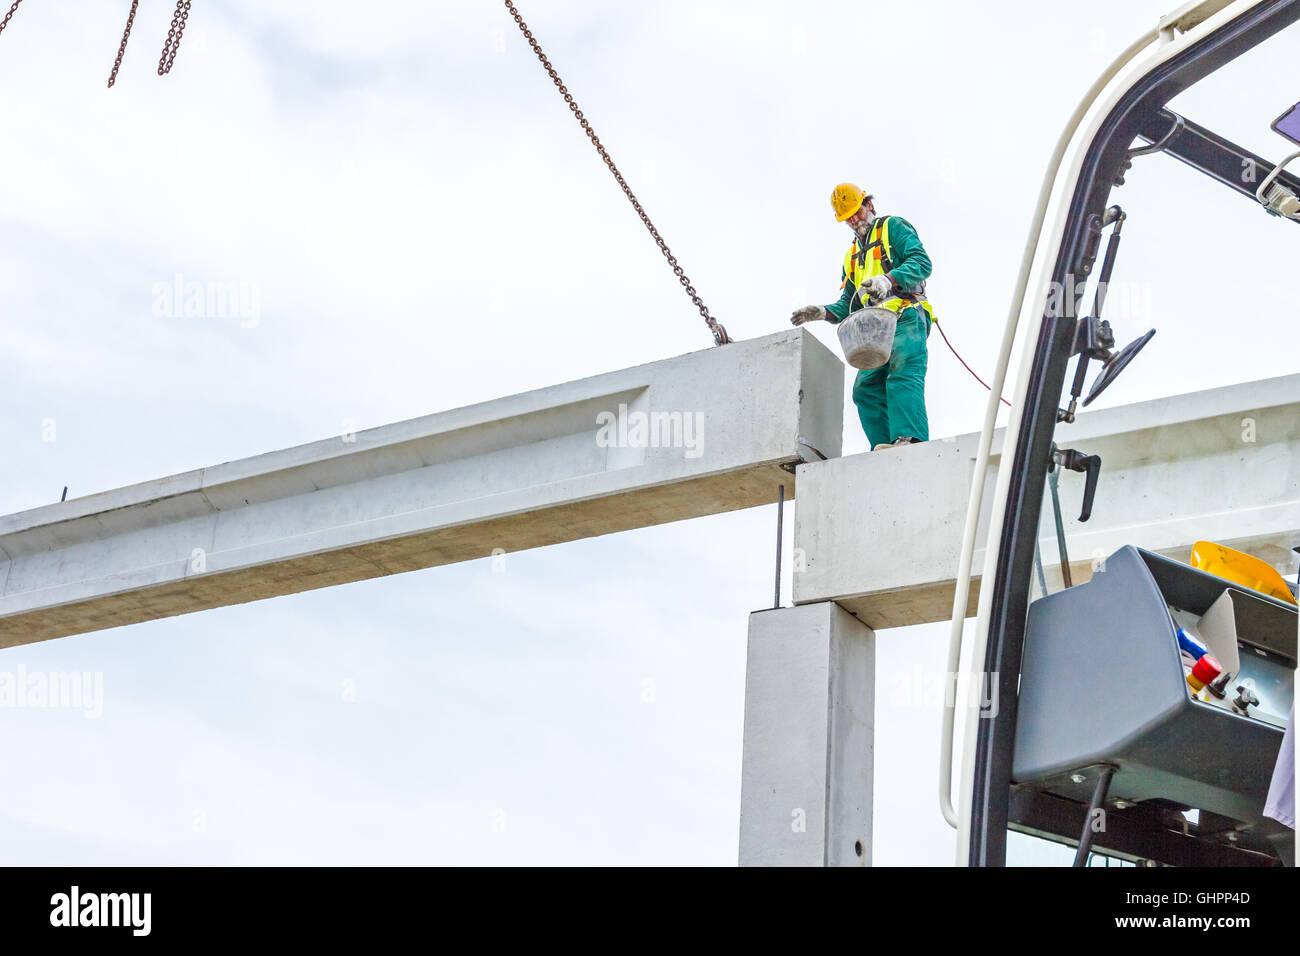 Höhe-Arbeiter ist hoch oben auf Betonrahmen ohne ordnungsgemäße ...